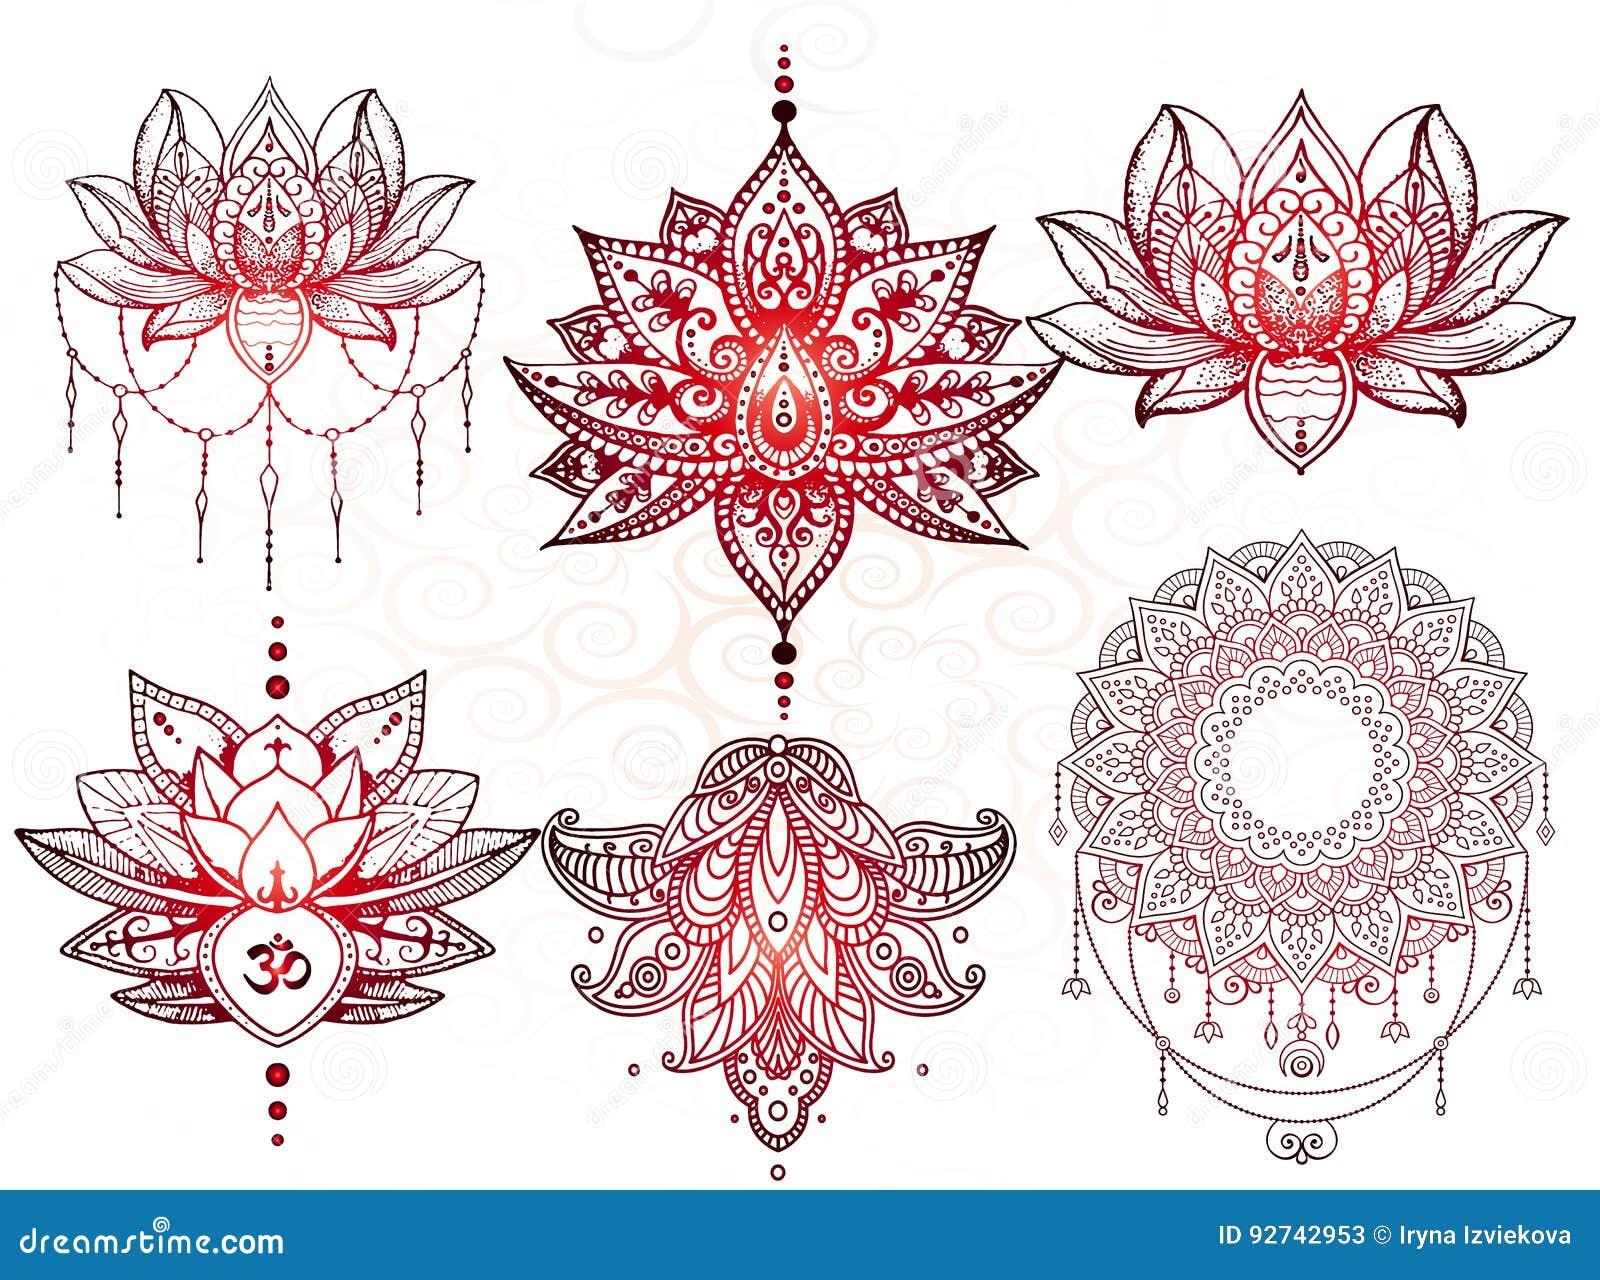 Tatuaje de la mandala de Seth, Lotus